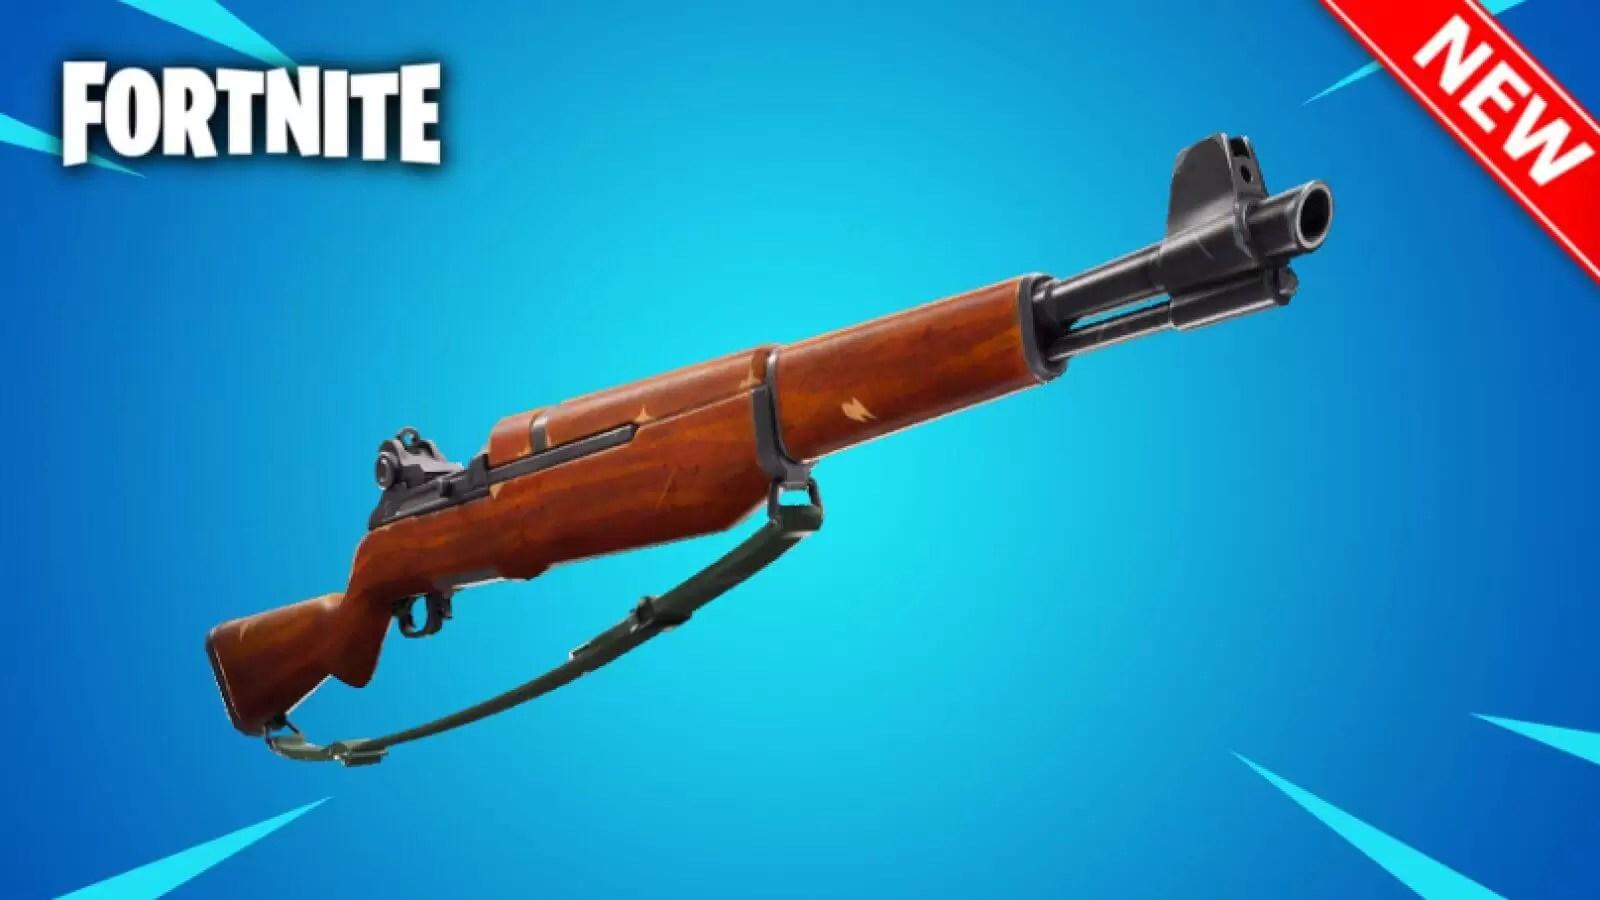 Jurišna puška dolazi u Fortnite!